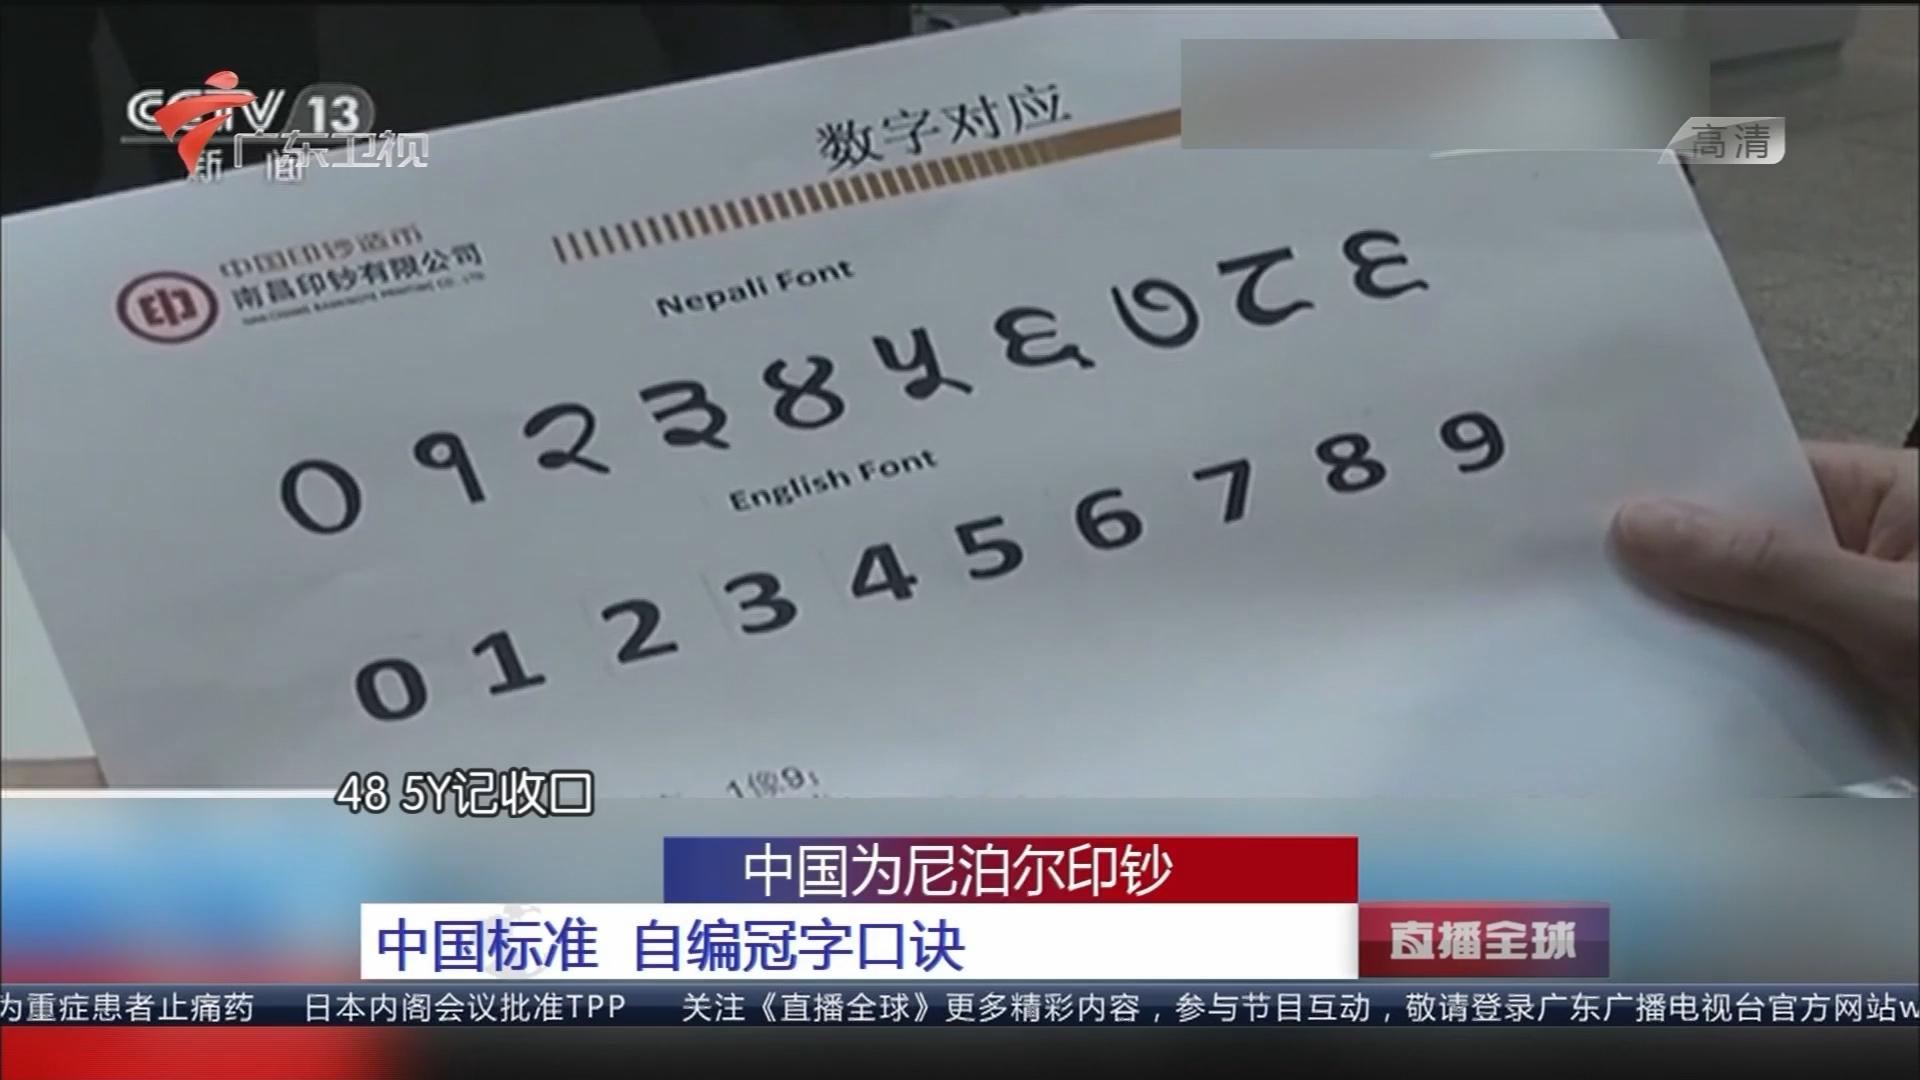 中国为尼泊尔印钞:中国标准 自编冠字口诀